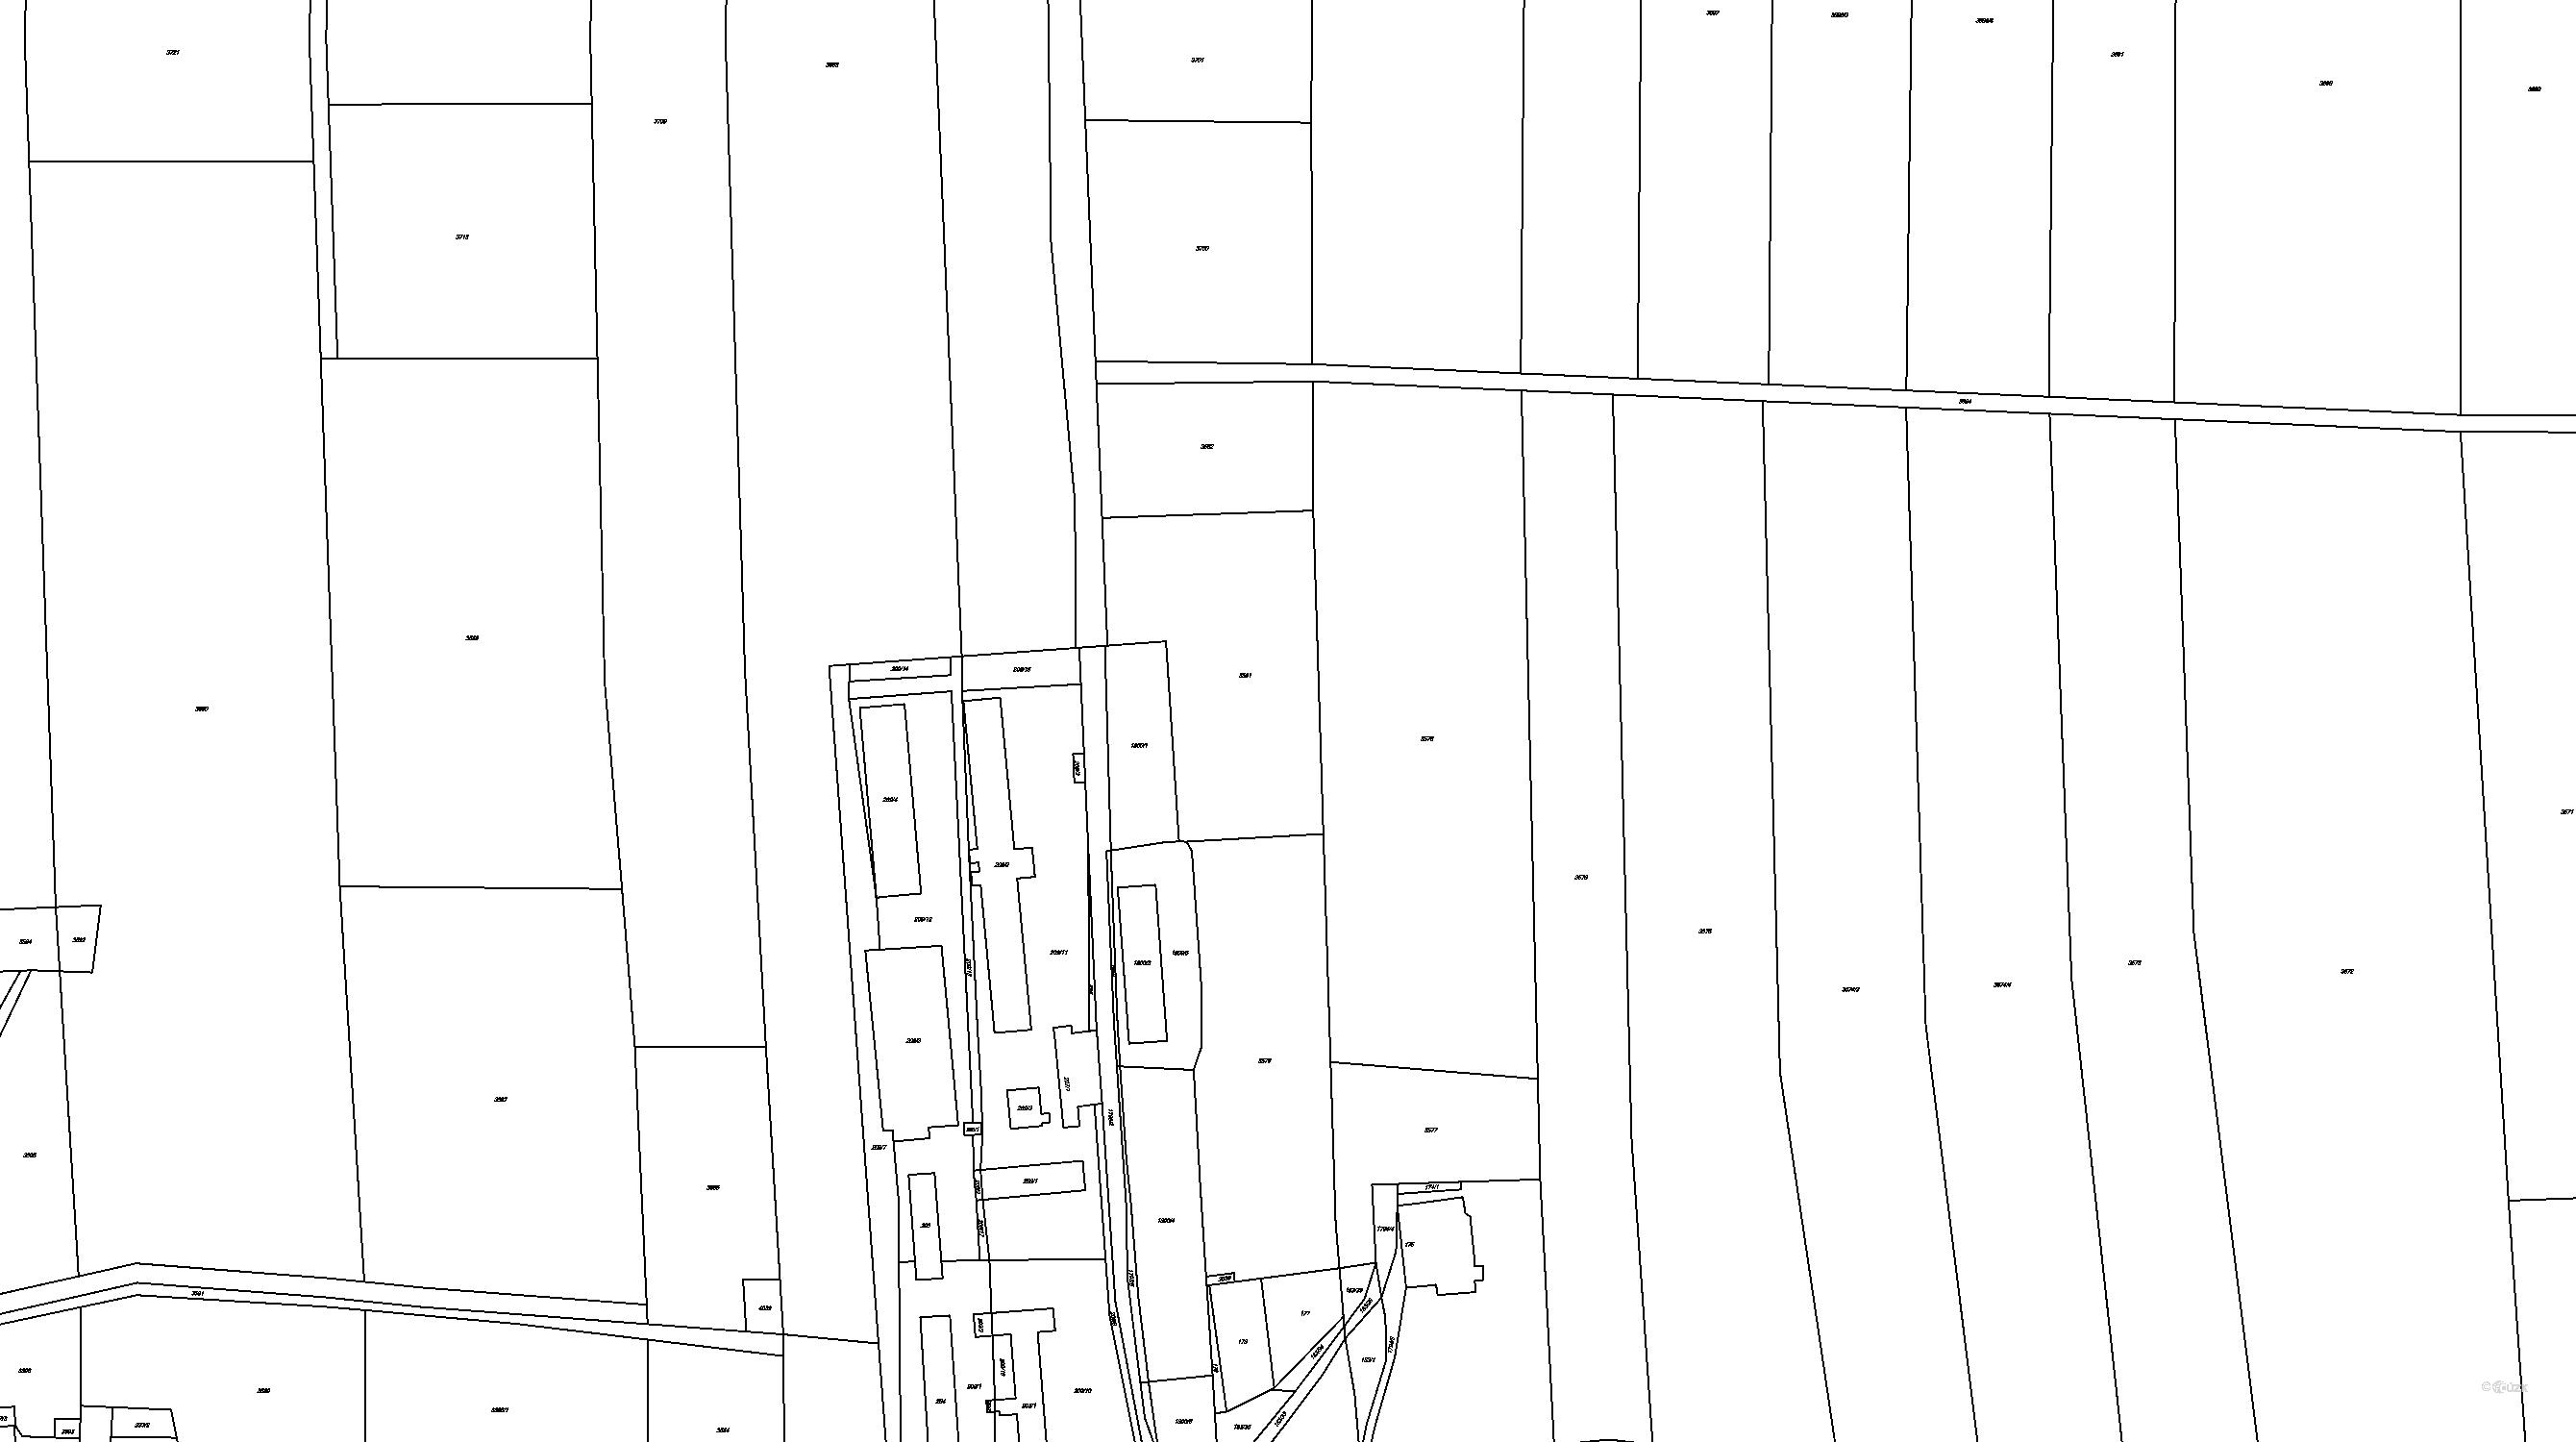 Katastrální mapa pozemků a čísla parcel Suchdol nad Lužnicí